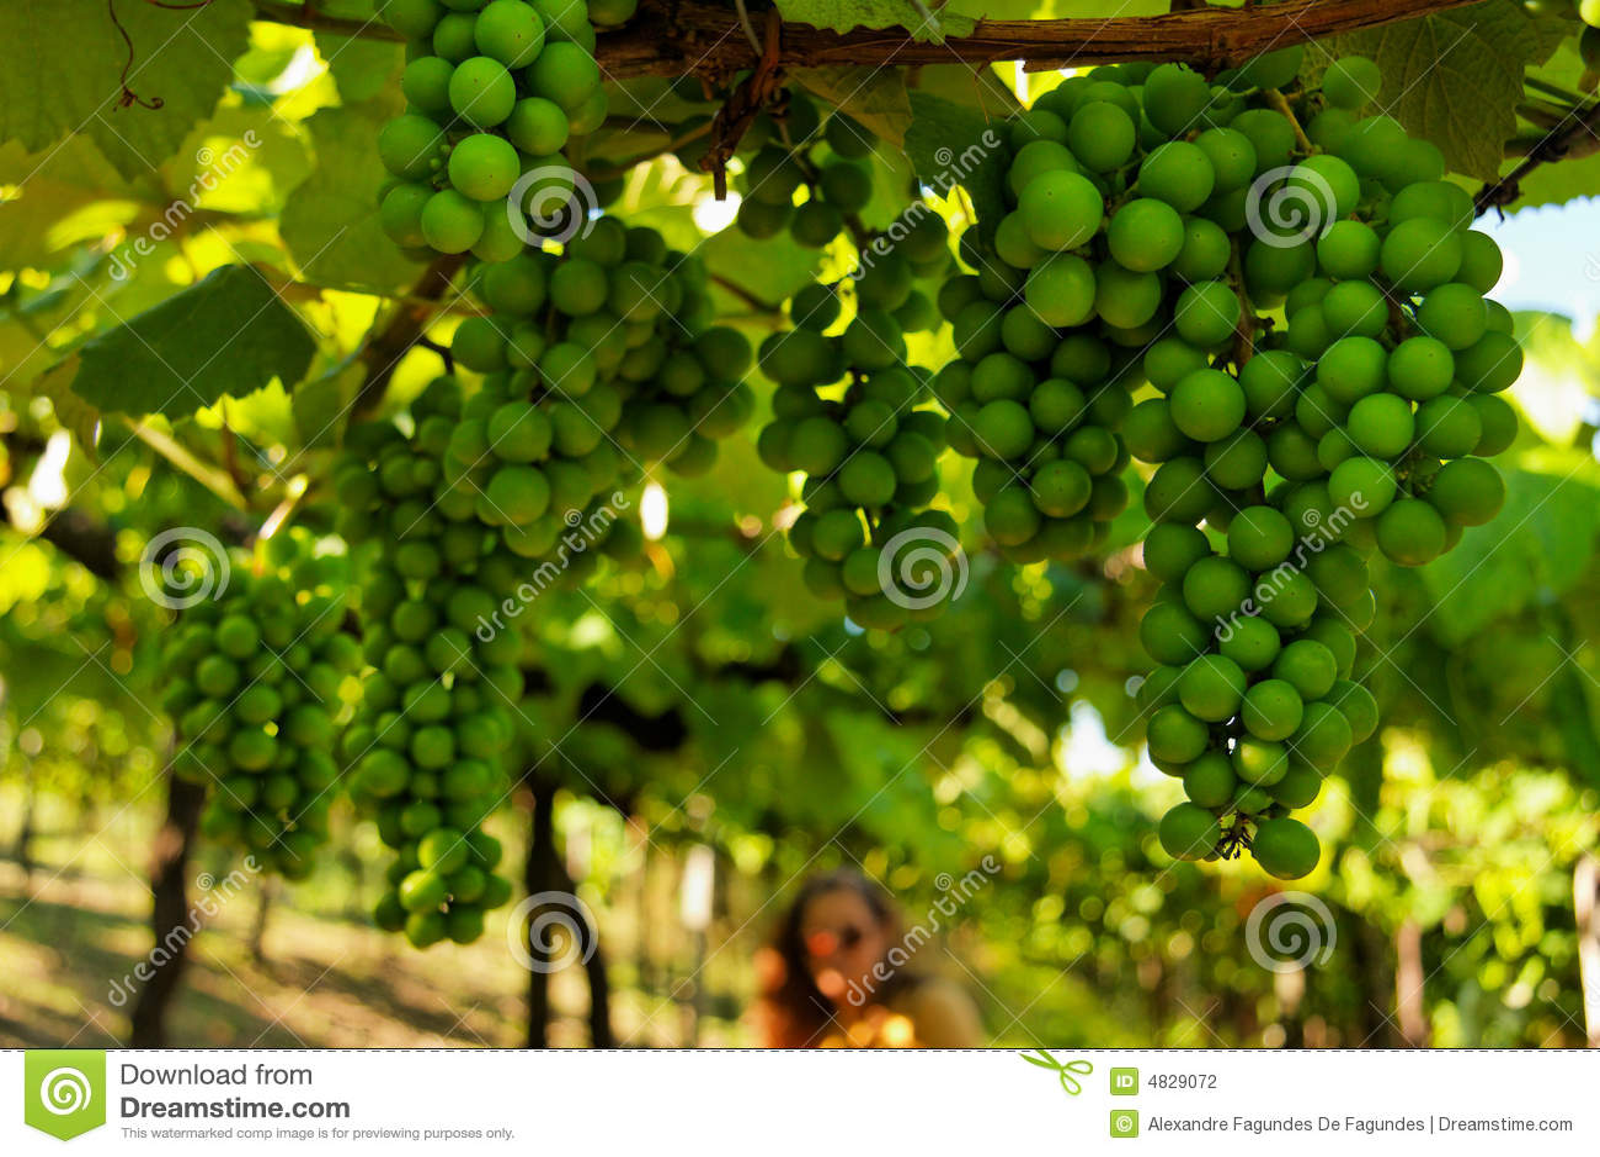 πράσινο κρασί σταφυλιών